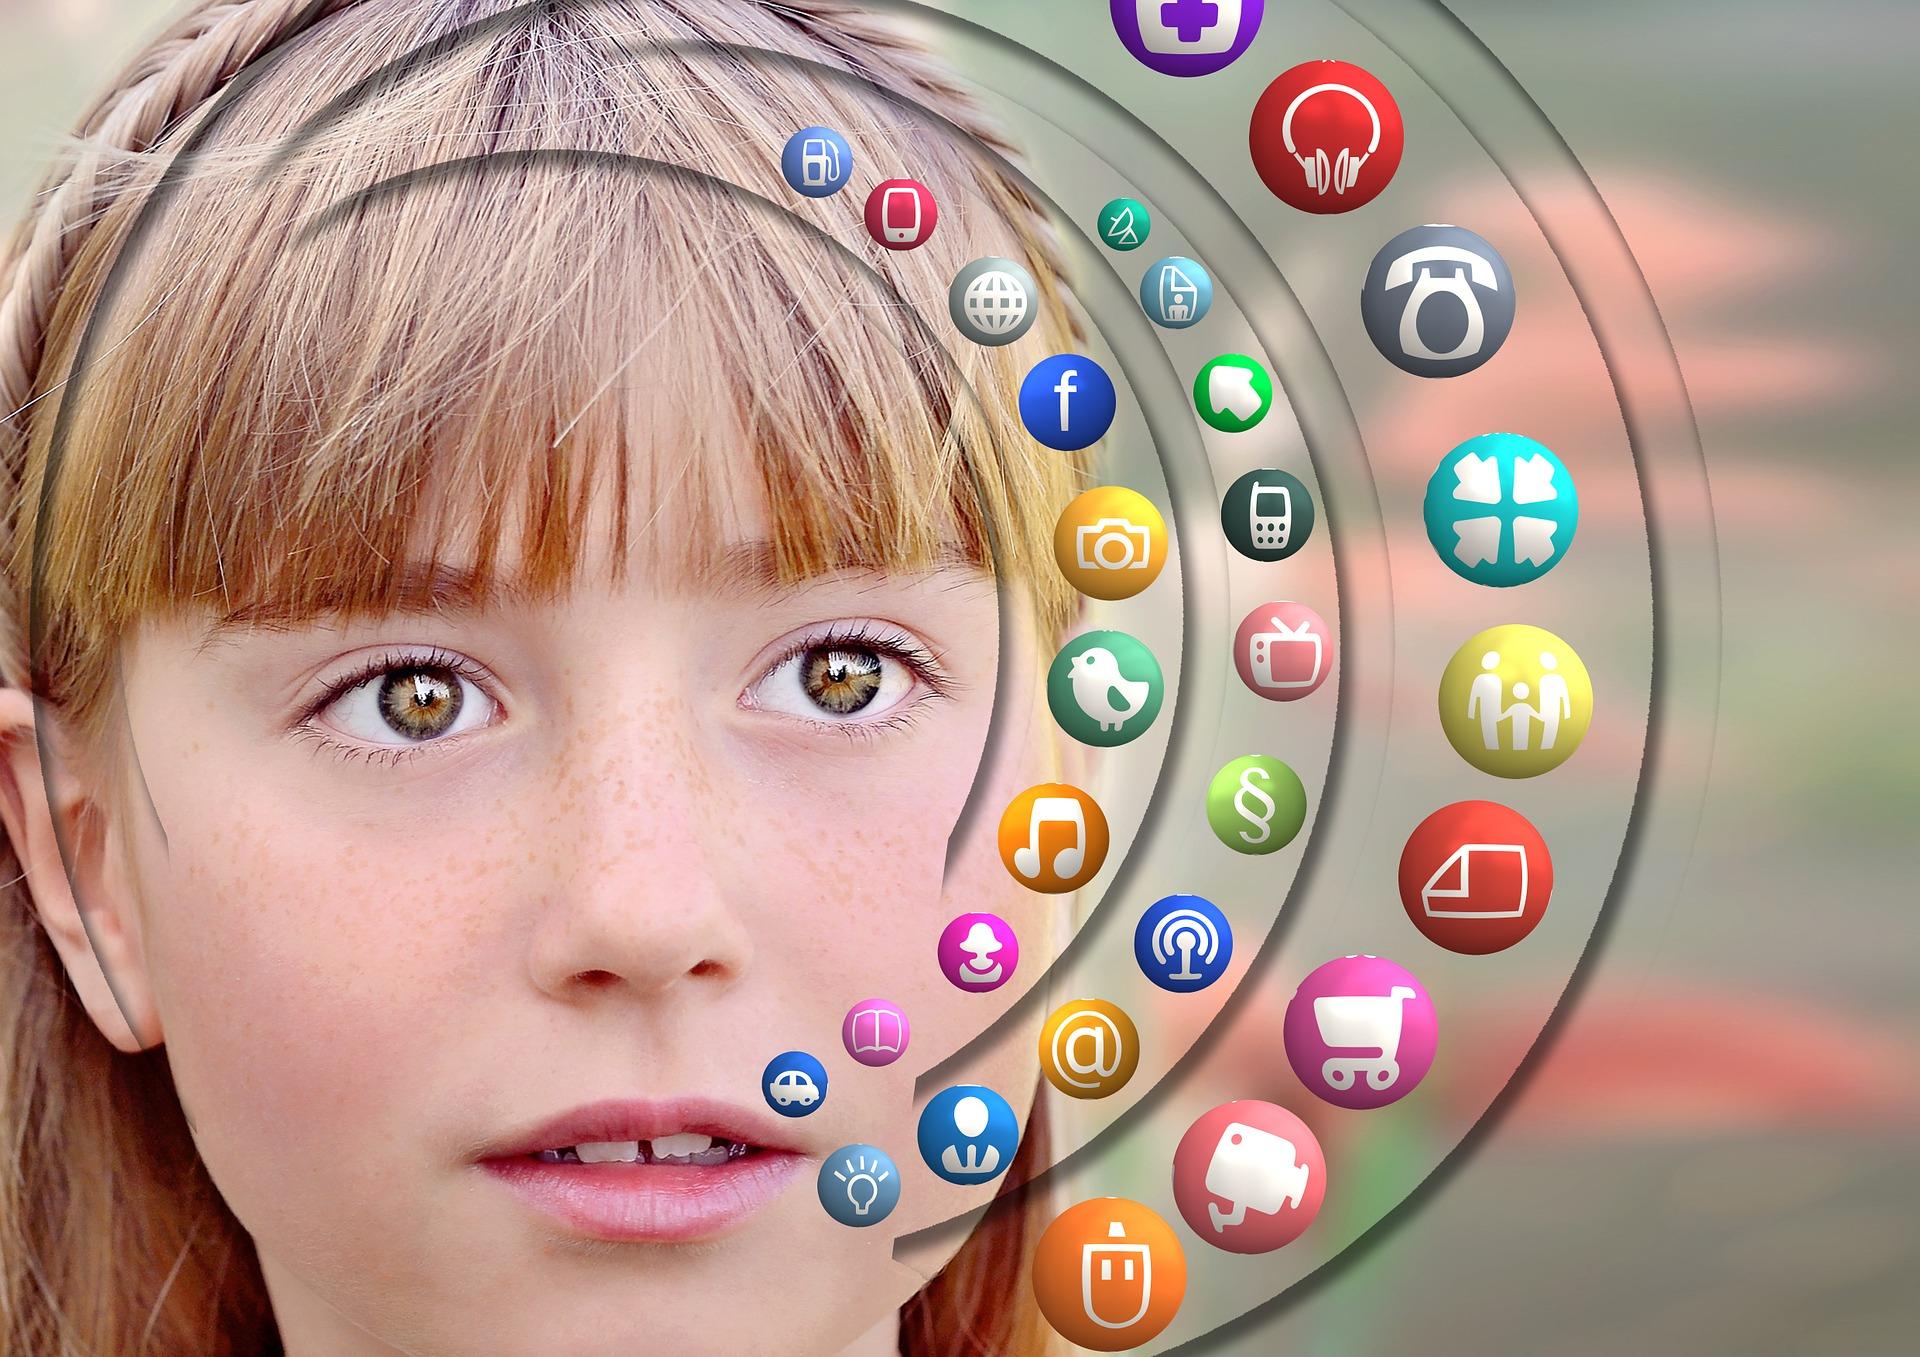 como-ajudar-crianças-a-ser-organizadas-psicologa-online-personal-organizer